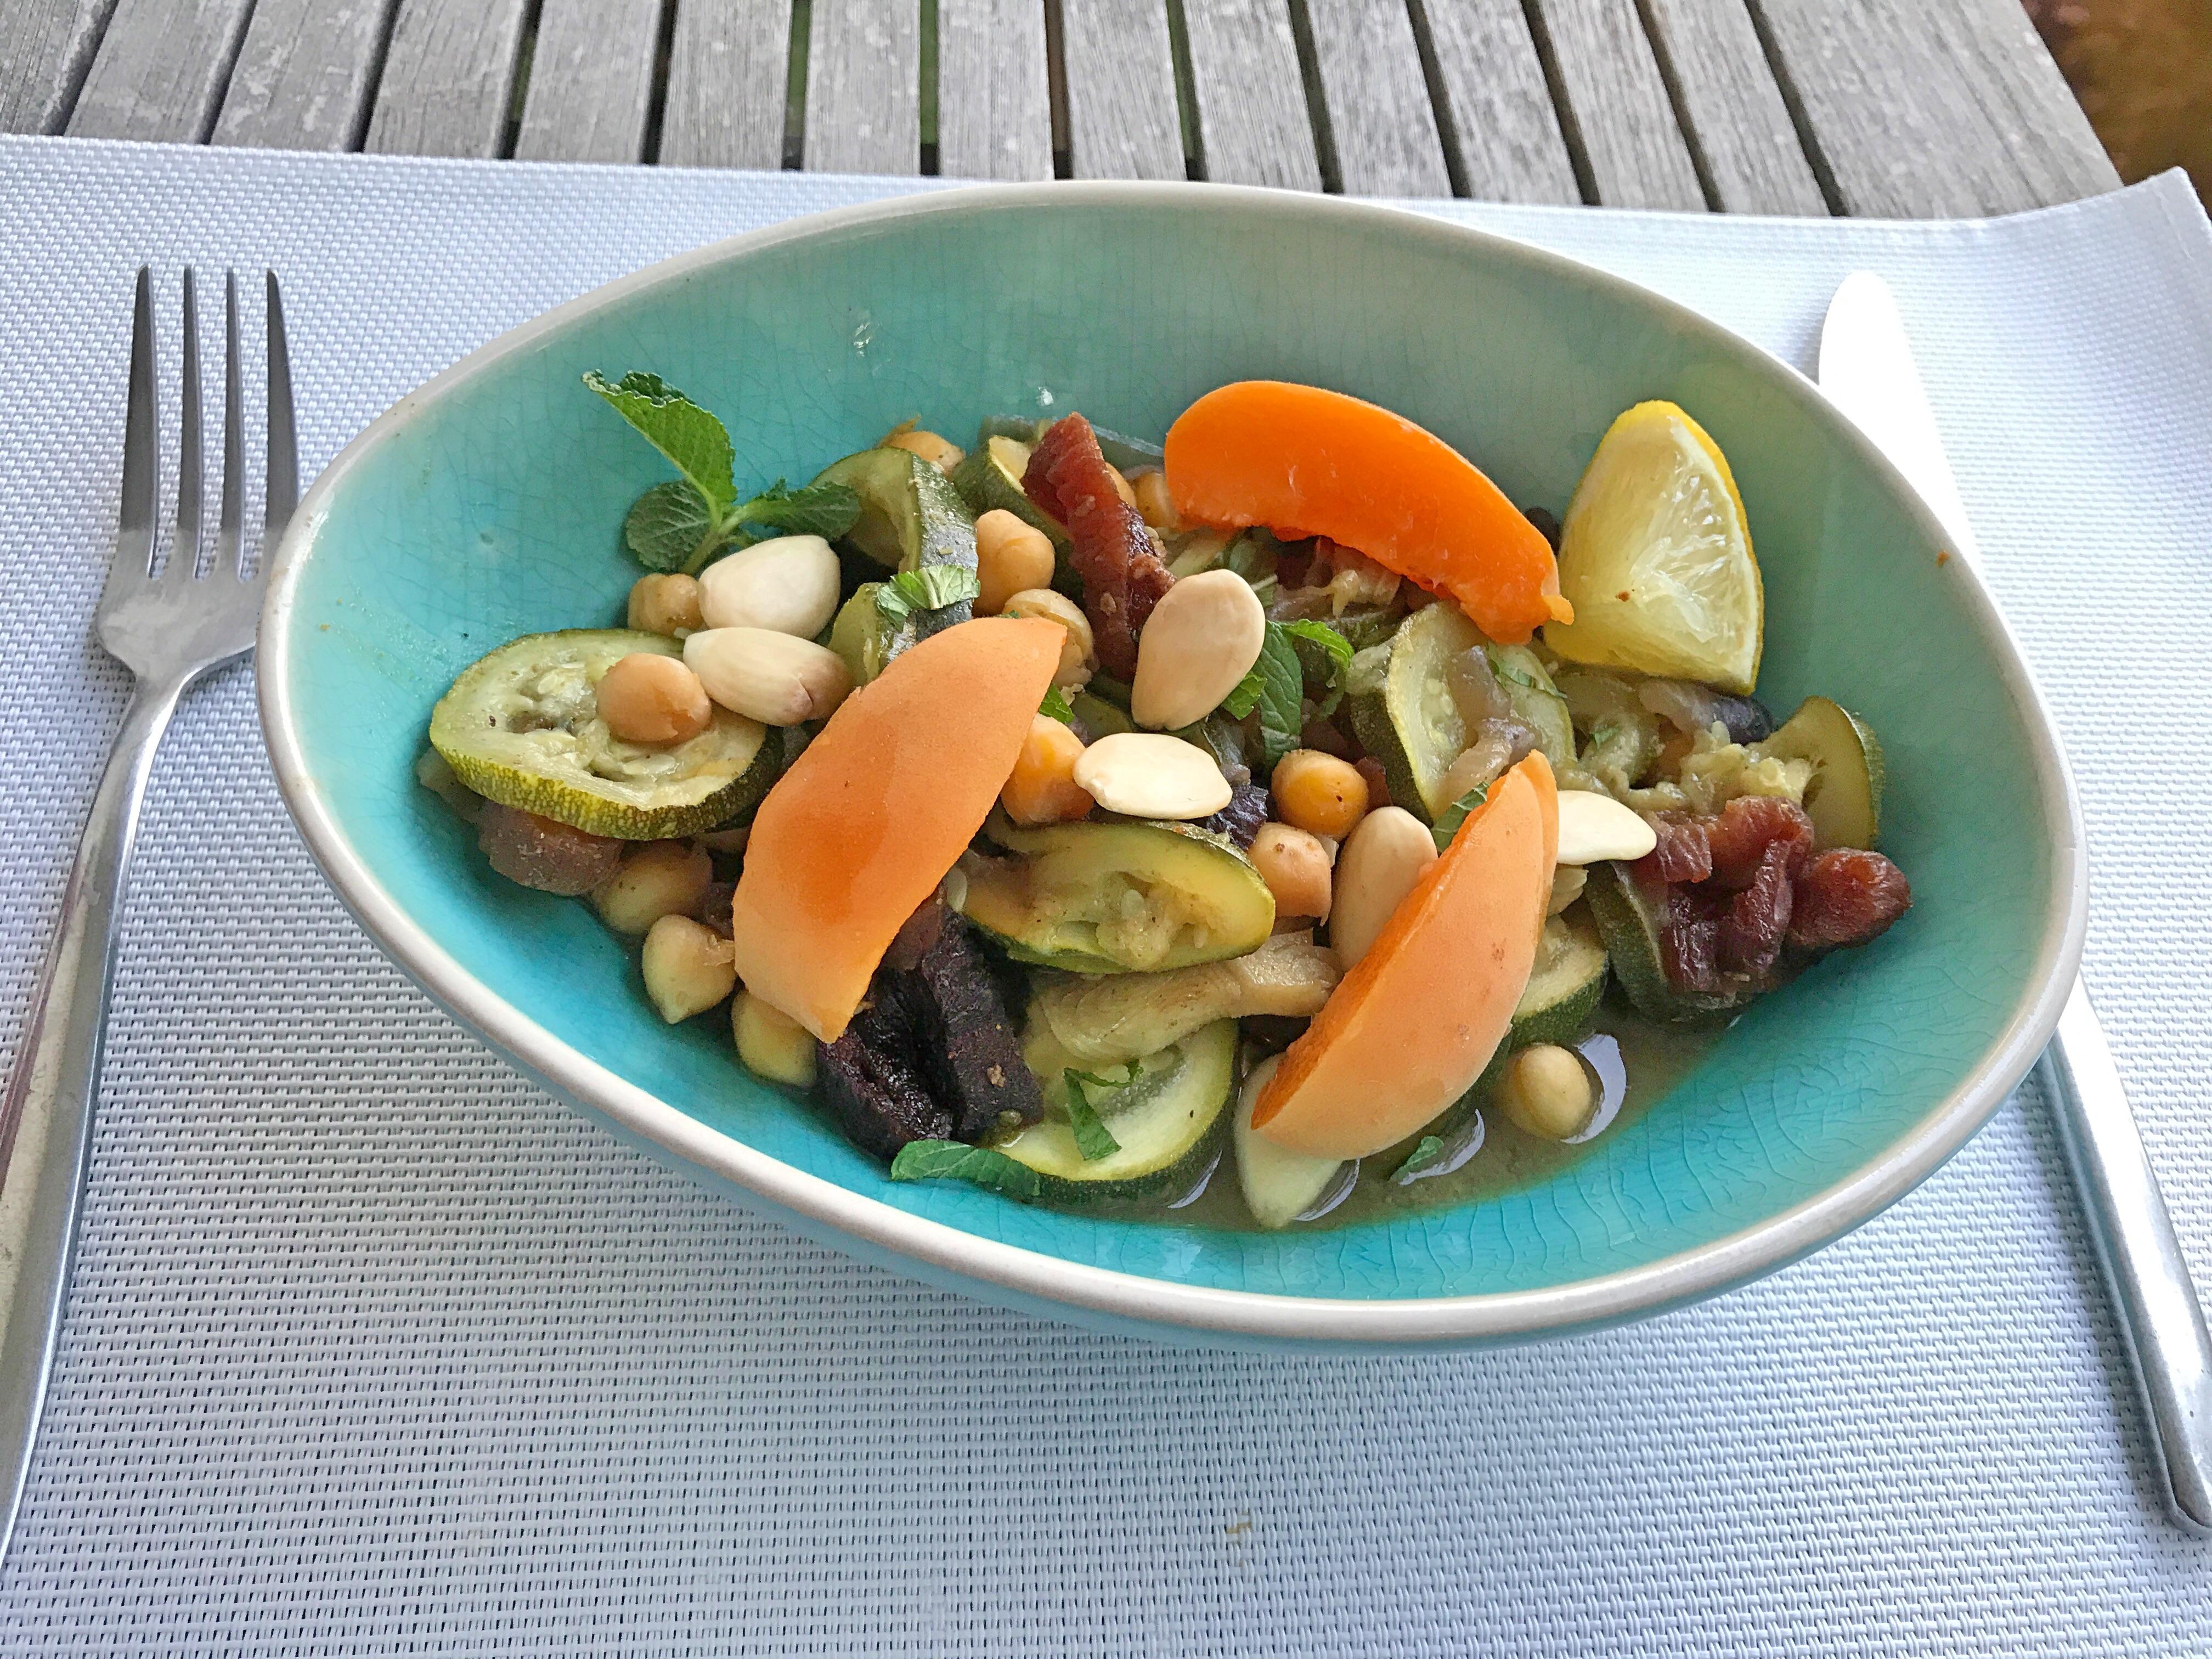 tagine de courgettes et abricots - Recette de Tajine de légumes marocains | Le meilleur plat méditerranéen. Un ragoût de légumes simple et succulent, de style marocain avec des épices, des aromates et des abricots secs. - recettes végétariennes et vegan - atirelarigot